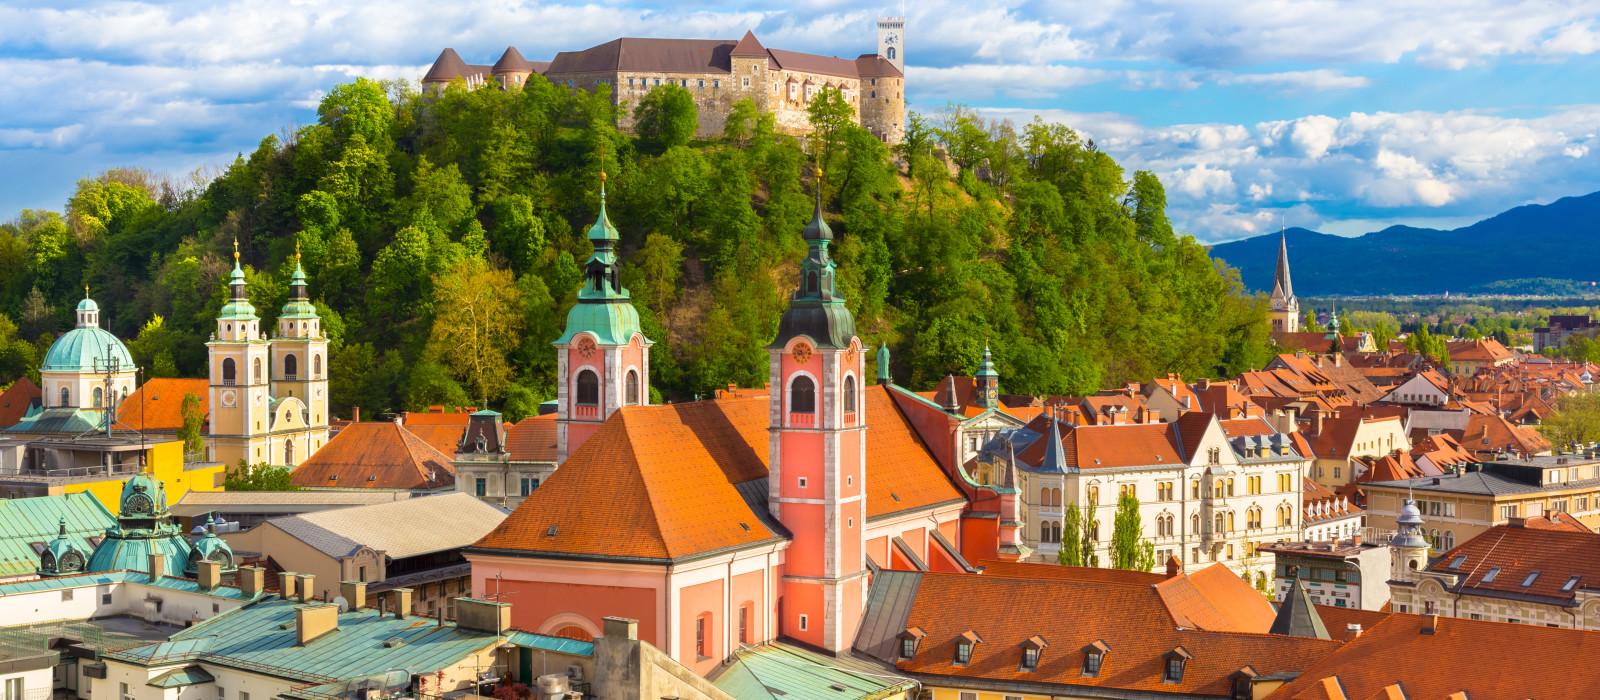 Reiseziel Ljubljana Kroatien & Slowenien